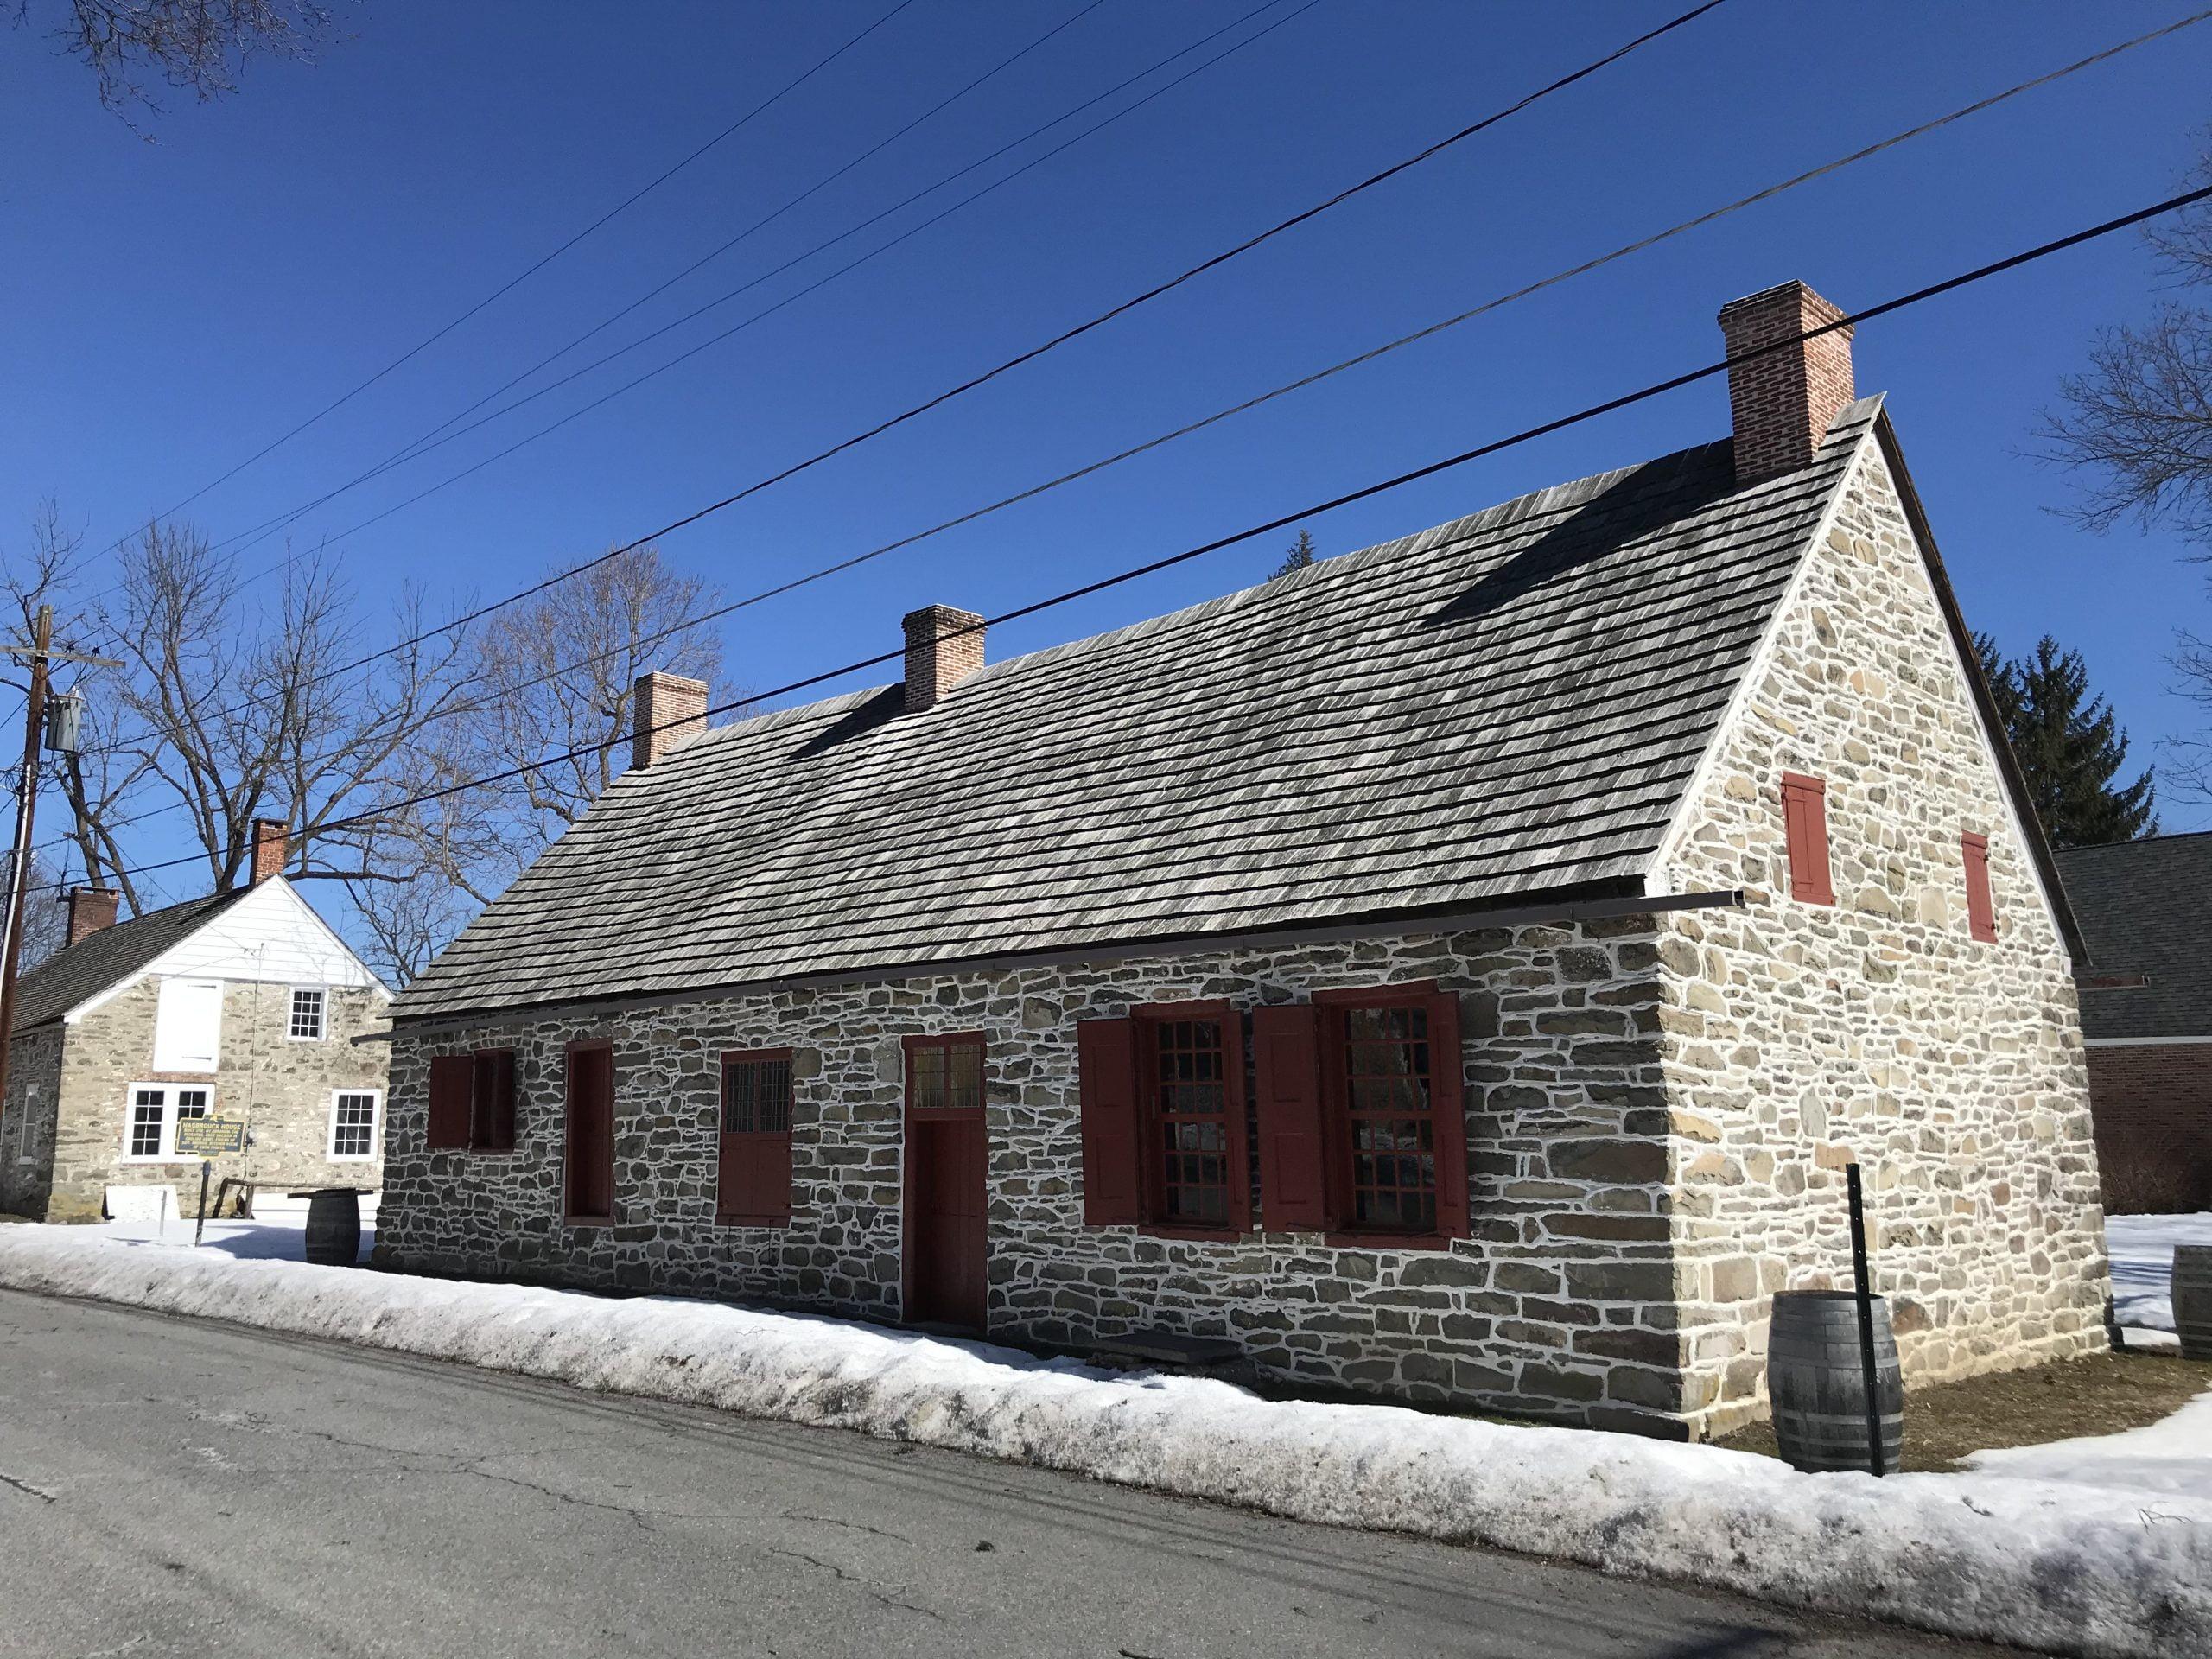 House on Historic Huguenot Street